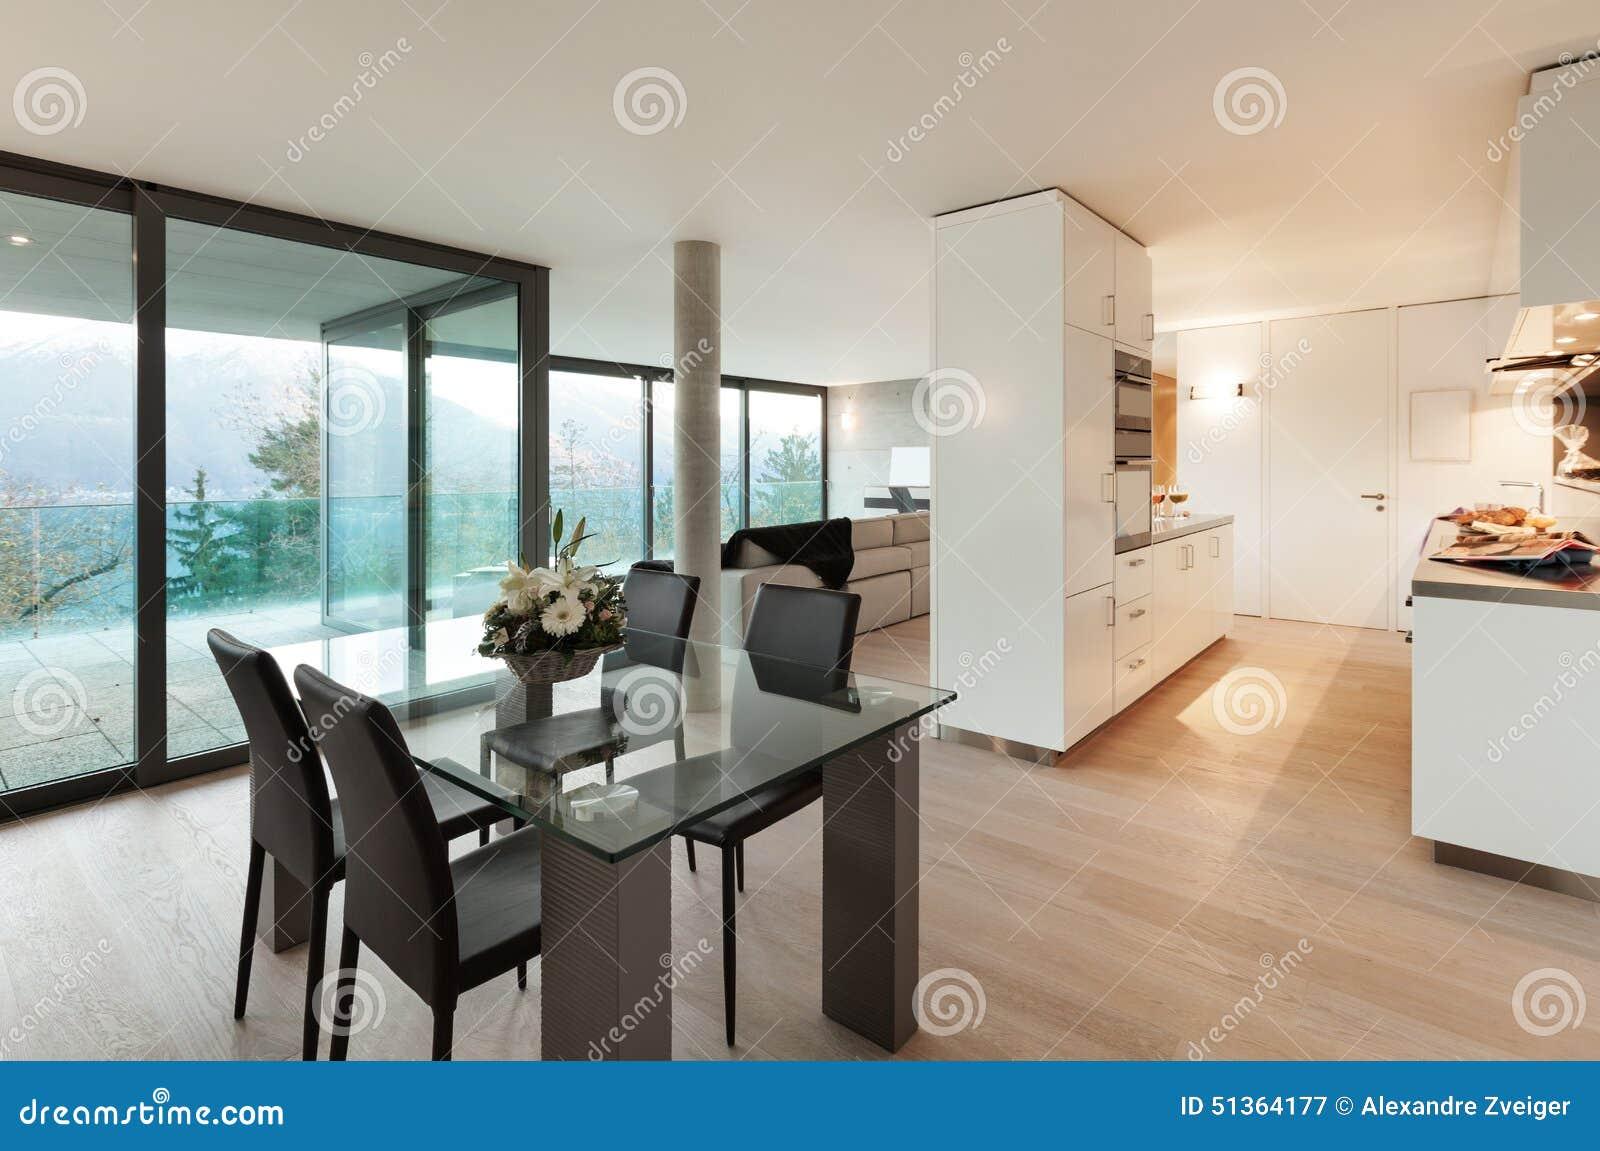 Appartamento moderno interno immagine stock immagine di for Immagini di appartamenti moderni